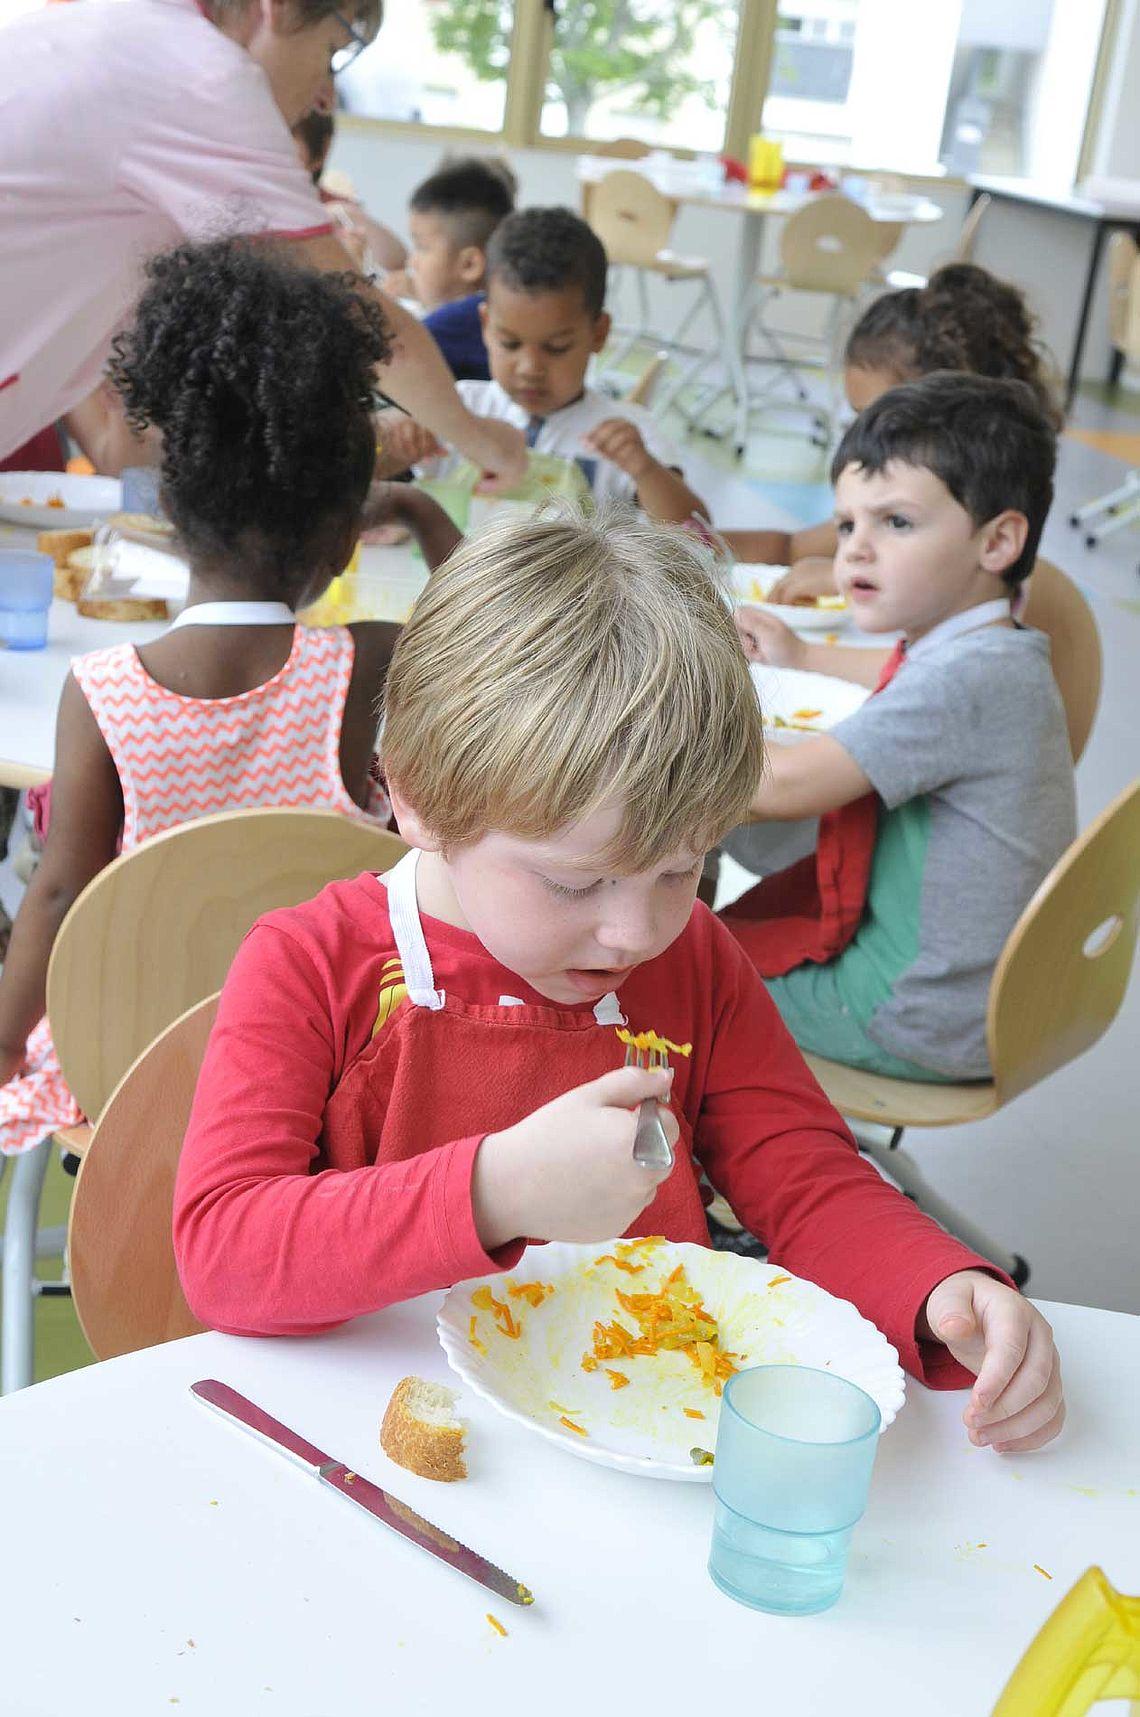 Salle à manger des petits à René-Guy Cadou